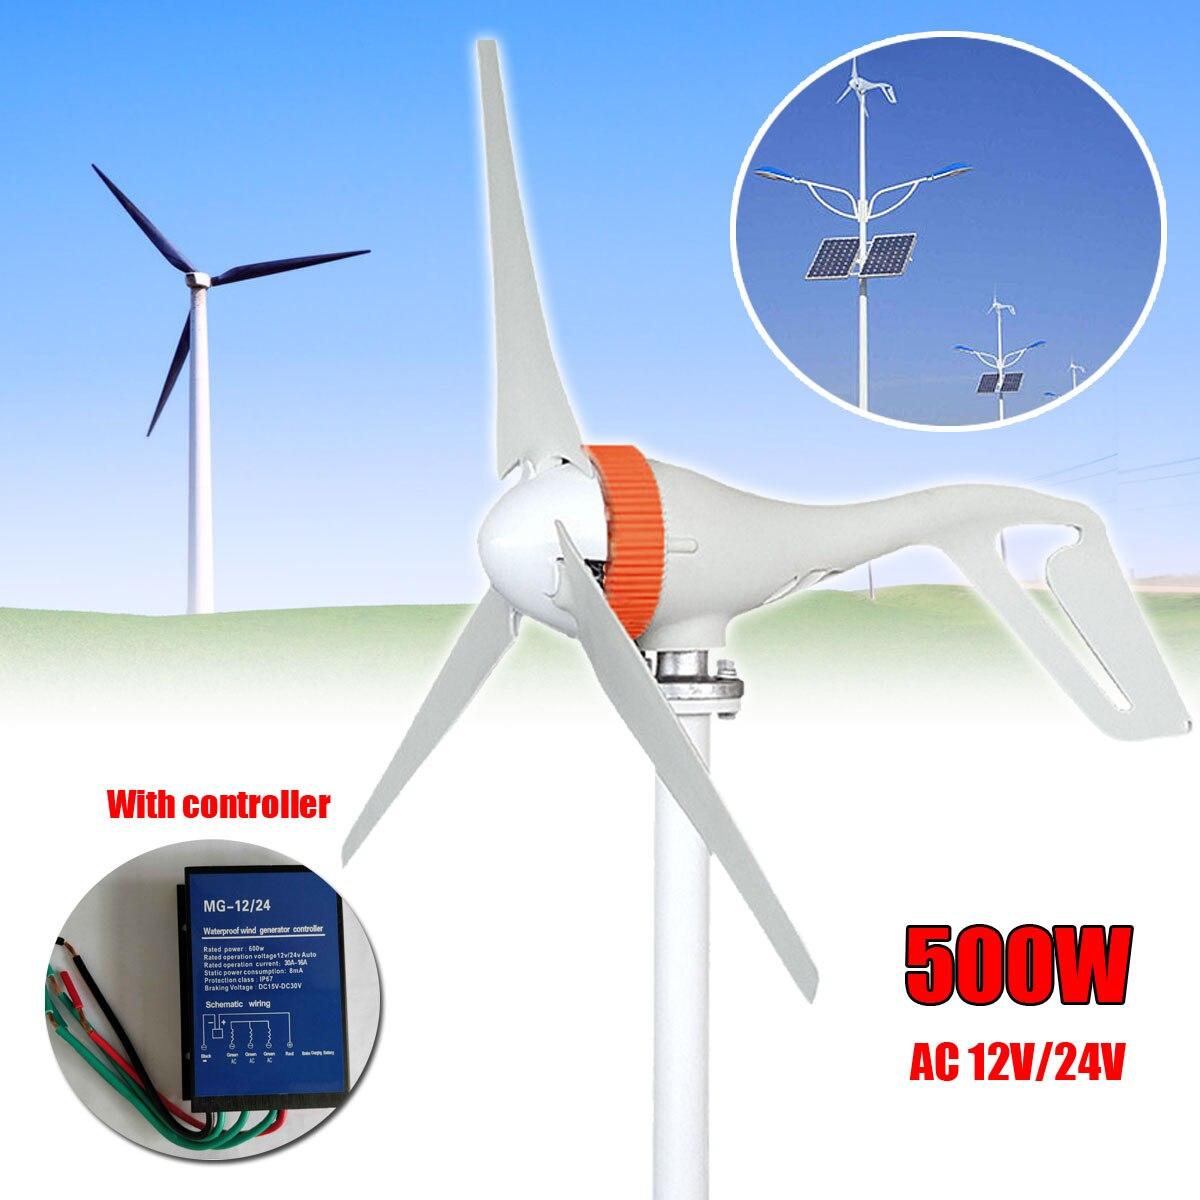 AC 12 v/24 v 500 w 3 Lames Vent Générateur Mini Vent Turbines Miniature Vent Turbines Générateur Avec contrôleur pour un usage domestique